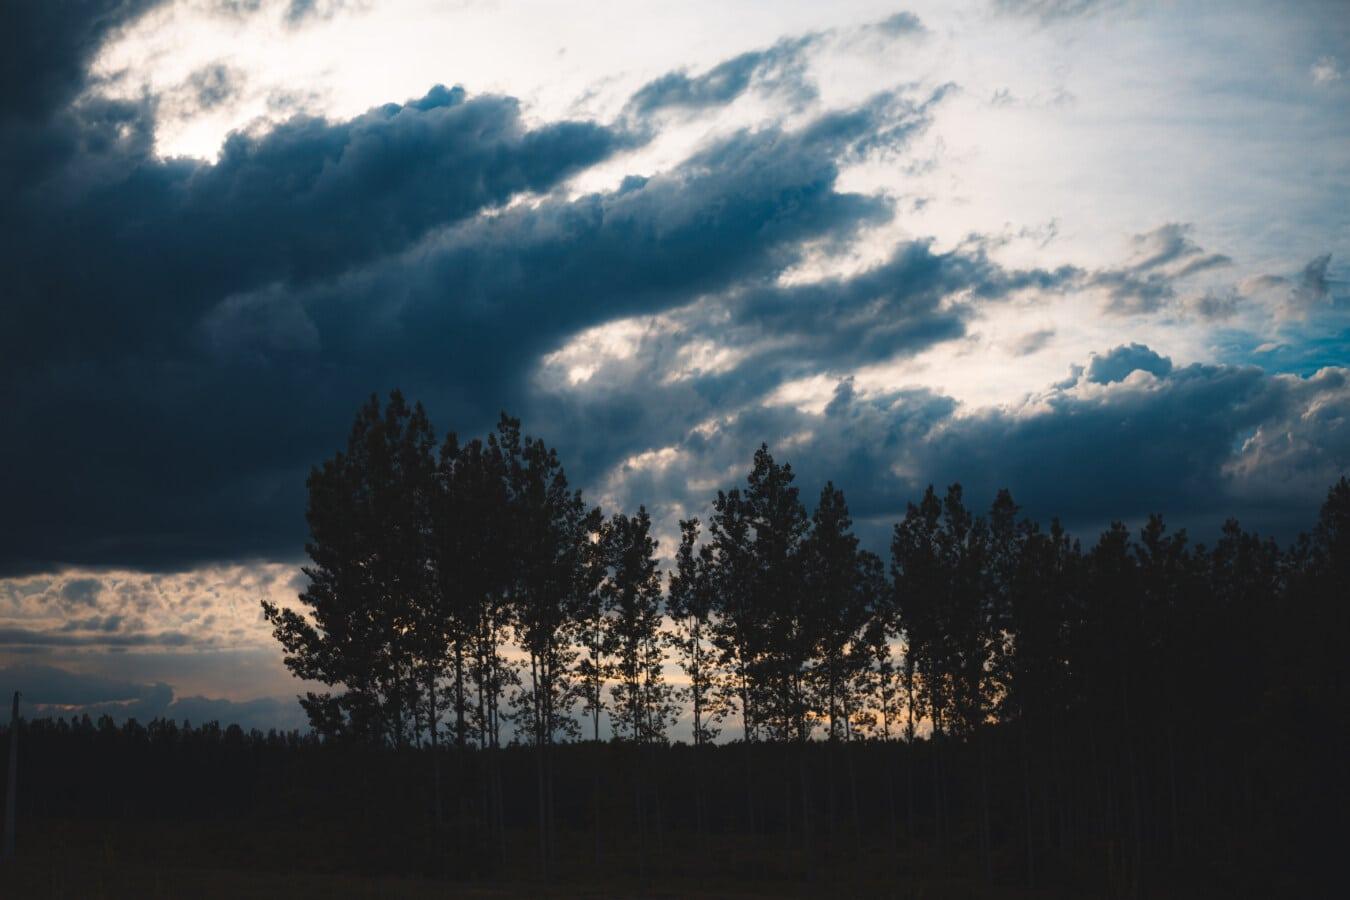 soumraku, lilek, soumrak, noční, tmavě modrá, silueta, stromy, les, západ slunce, Dawn